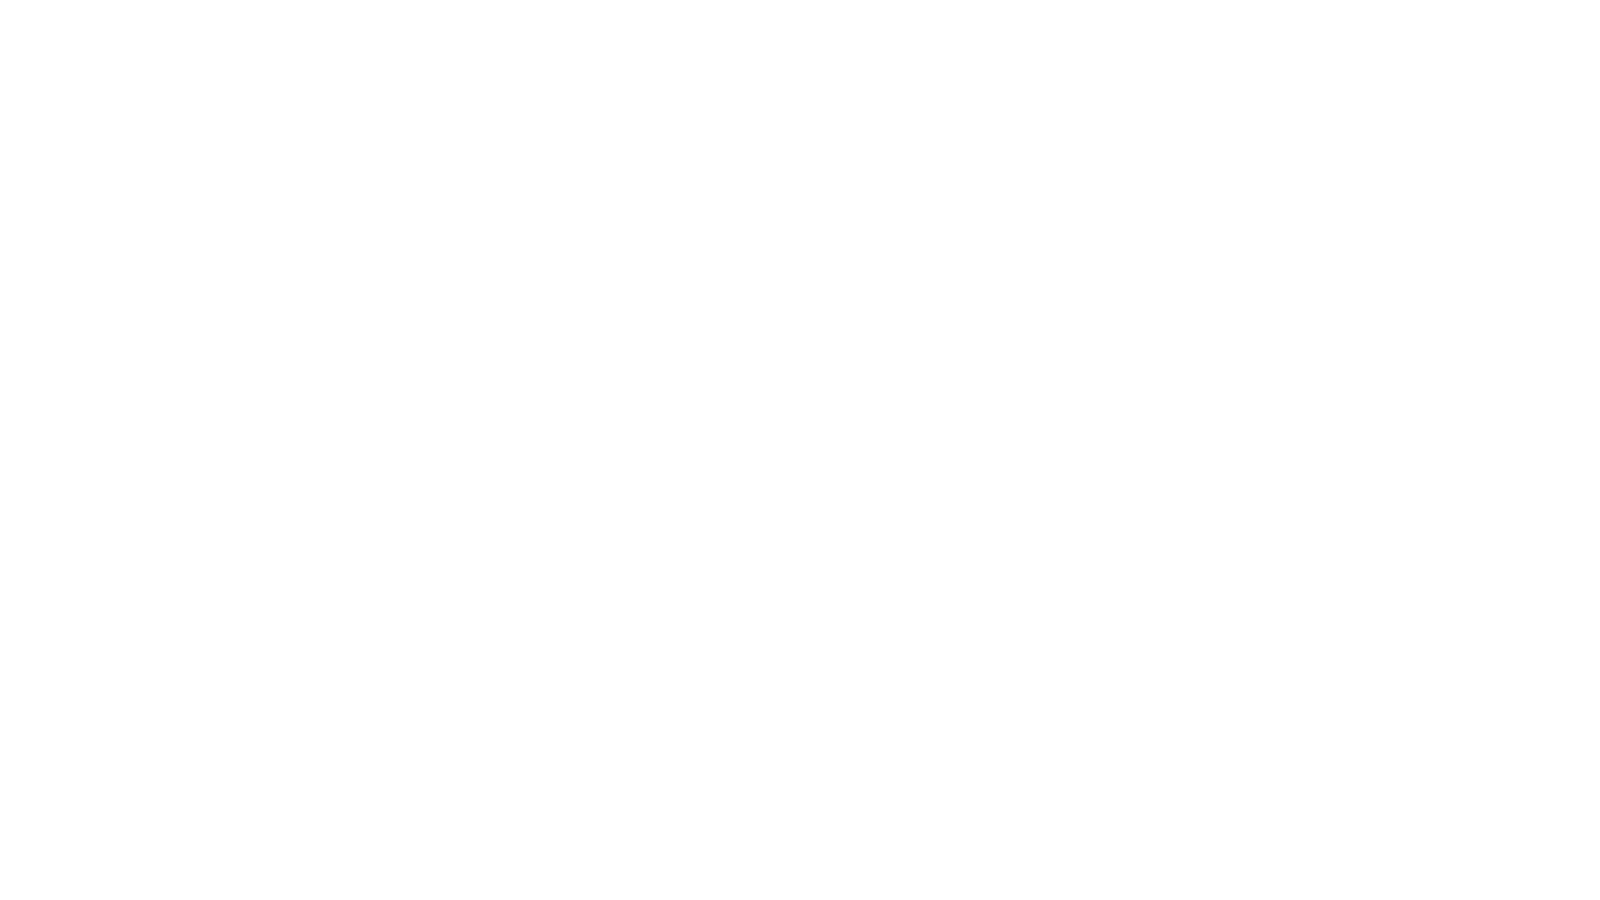 パーソナリティ : Ami Latte Guest:YURIE  ★YURIE アルバム購入はこちらから! https://yuriessw.thebase.in/  -----------------------------------  FM狛江 コマラジ 毎月第2火曜日19時〜20時  Gentle Voice「ジャズボーカルに魅せられて」 「リスラジ」というスマホアプリで全国どこからでも聴けます!  #ジャズボーカル #コマラジ #聞き逃し   Please subscribe to my channel!  チャンネル登録をすると最新動画がすぐ観れます◎  ◆チャンネル登録方法 (1)  Youtube 右上の「ログイン」をクリック (2)  Gmailでログイン (3)  動画の下にある「チャンネル登録」ボタンをクリック!   アミラテの詳しい情報はこちら https://lit.link/amilatte   Follow me online: Instagram: https://www.instagram.com/amilatte_jazz/ Facebook: https://www.facebook.com/amilatte.jazz/ Twitter: https://mobile.twitter.com/amilatte_jazz Youtube: https://bit.ly/2SjP53g